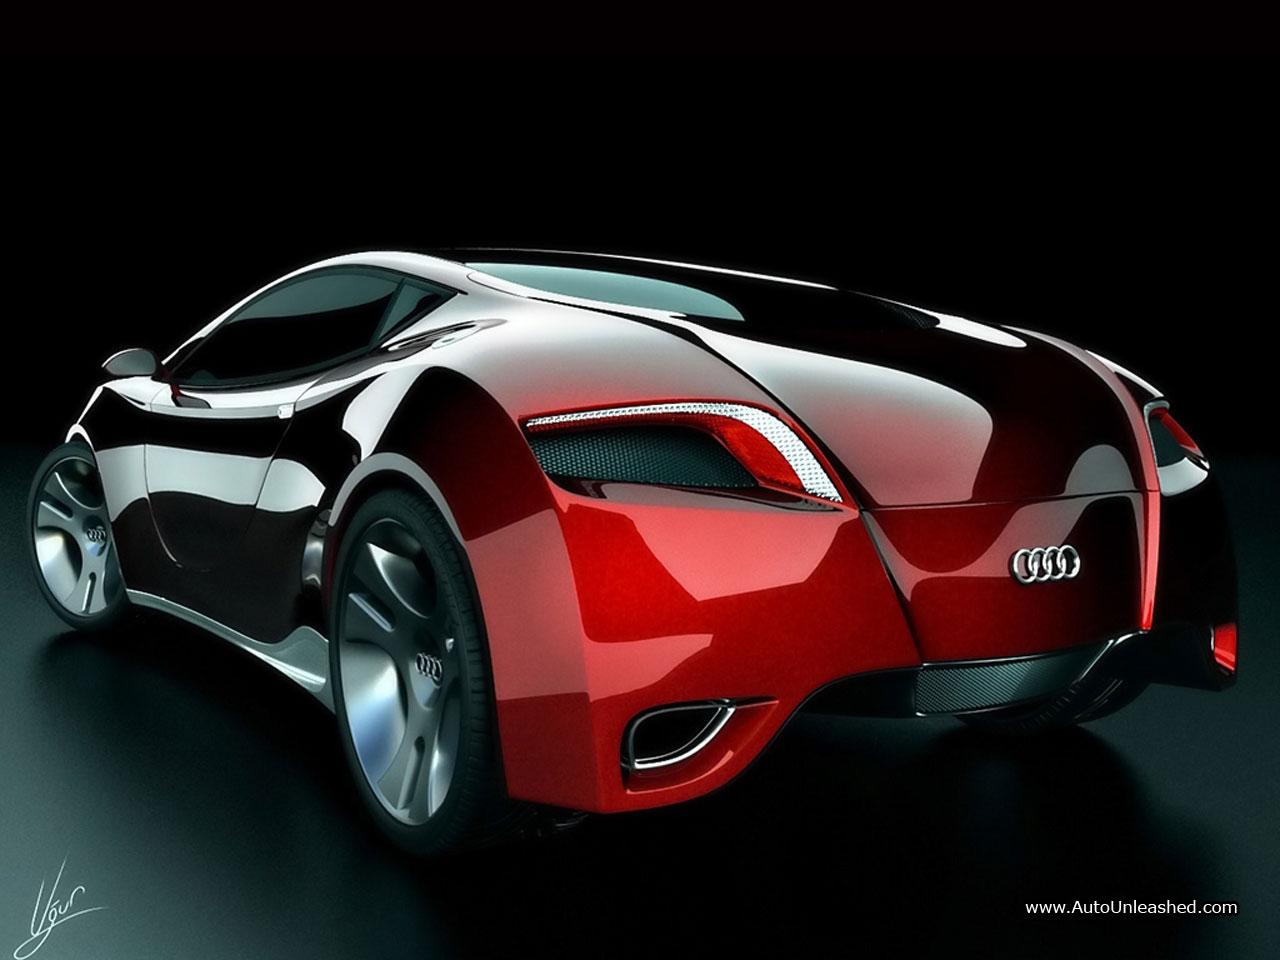 Concept car wallpaper |Its My Car Club